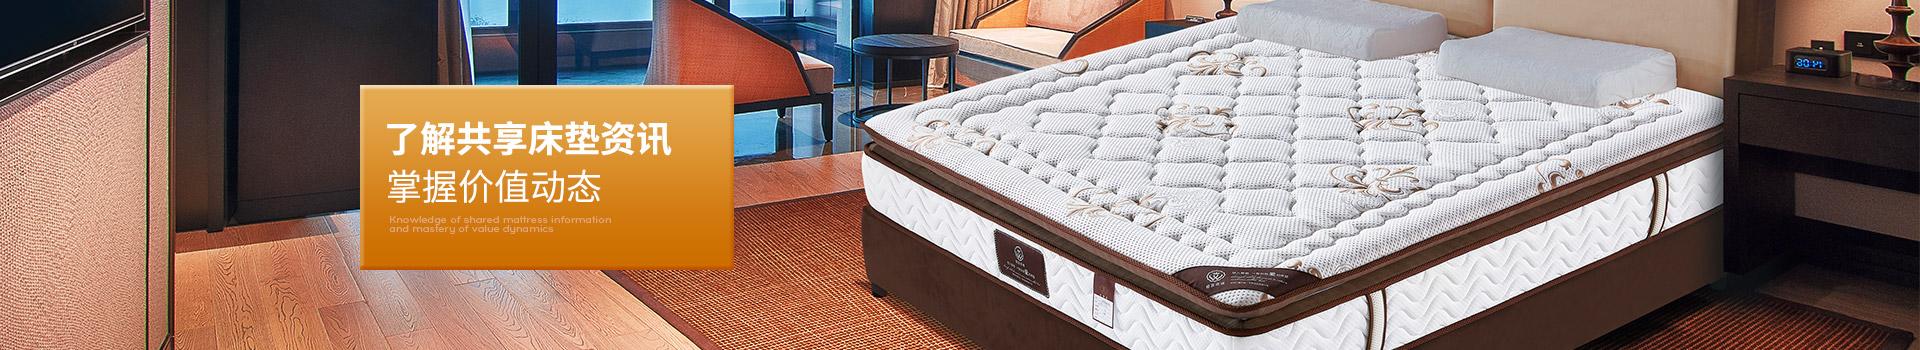 雨辉床垫-了解共享床垫资讯,掌握价值动态